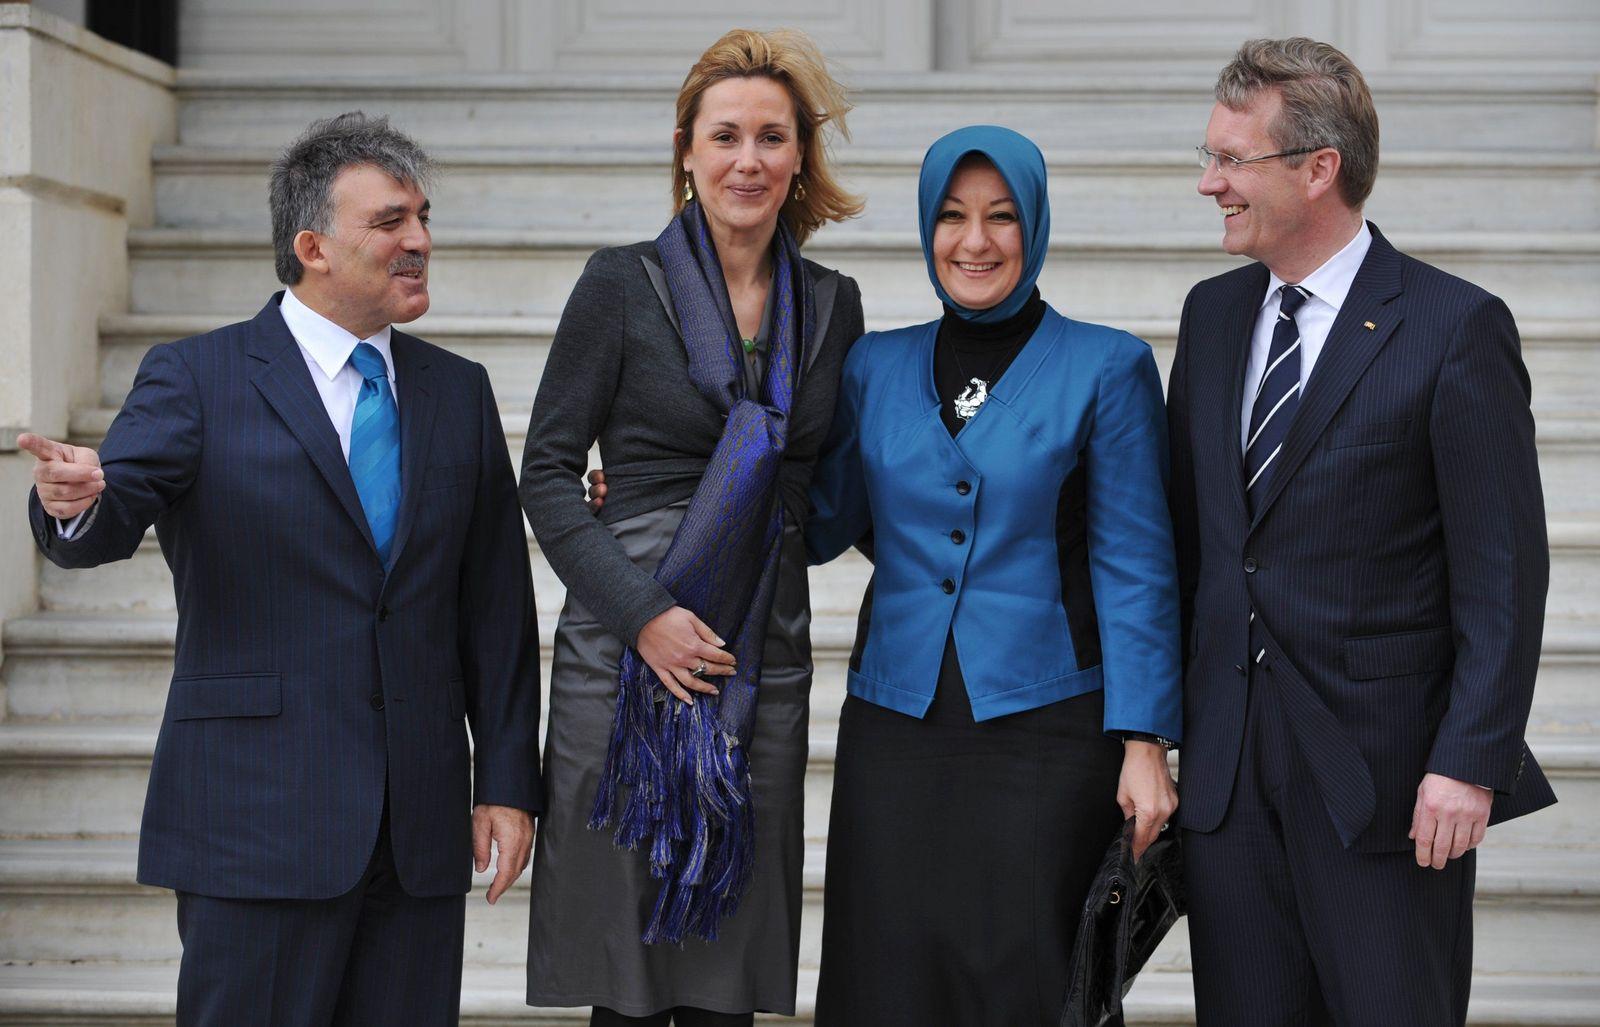 Bundespräsident Wulff Gül Türkei Kopftuch